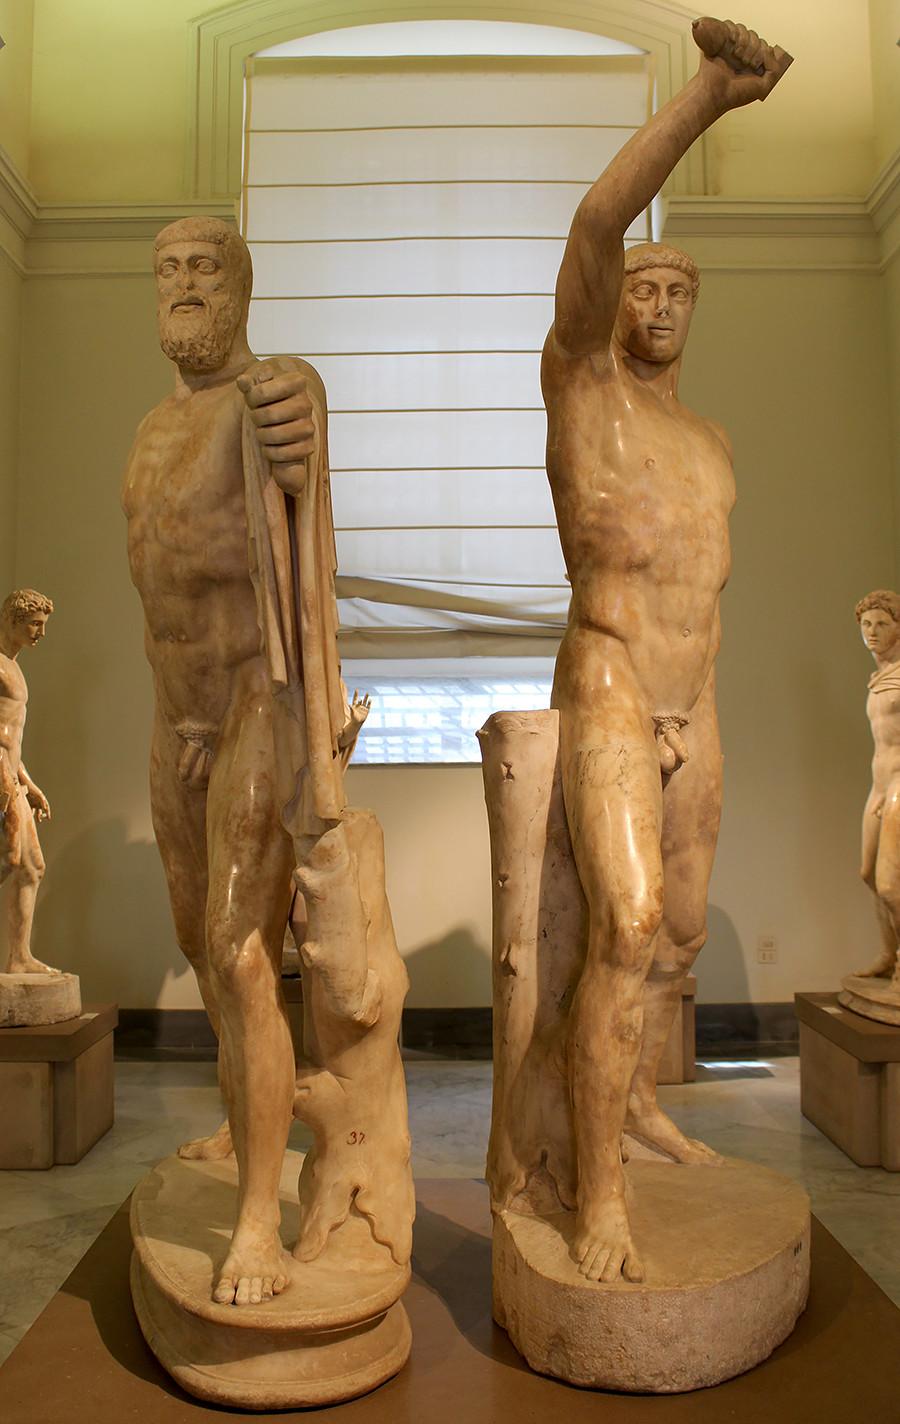 労働者とコルホーズの女性像の建築家は、古代ギリシャのハルモディオスとアリストゲイトンの彫刻のペアからインスピレーションを受けた。